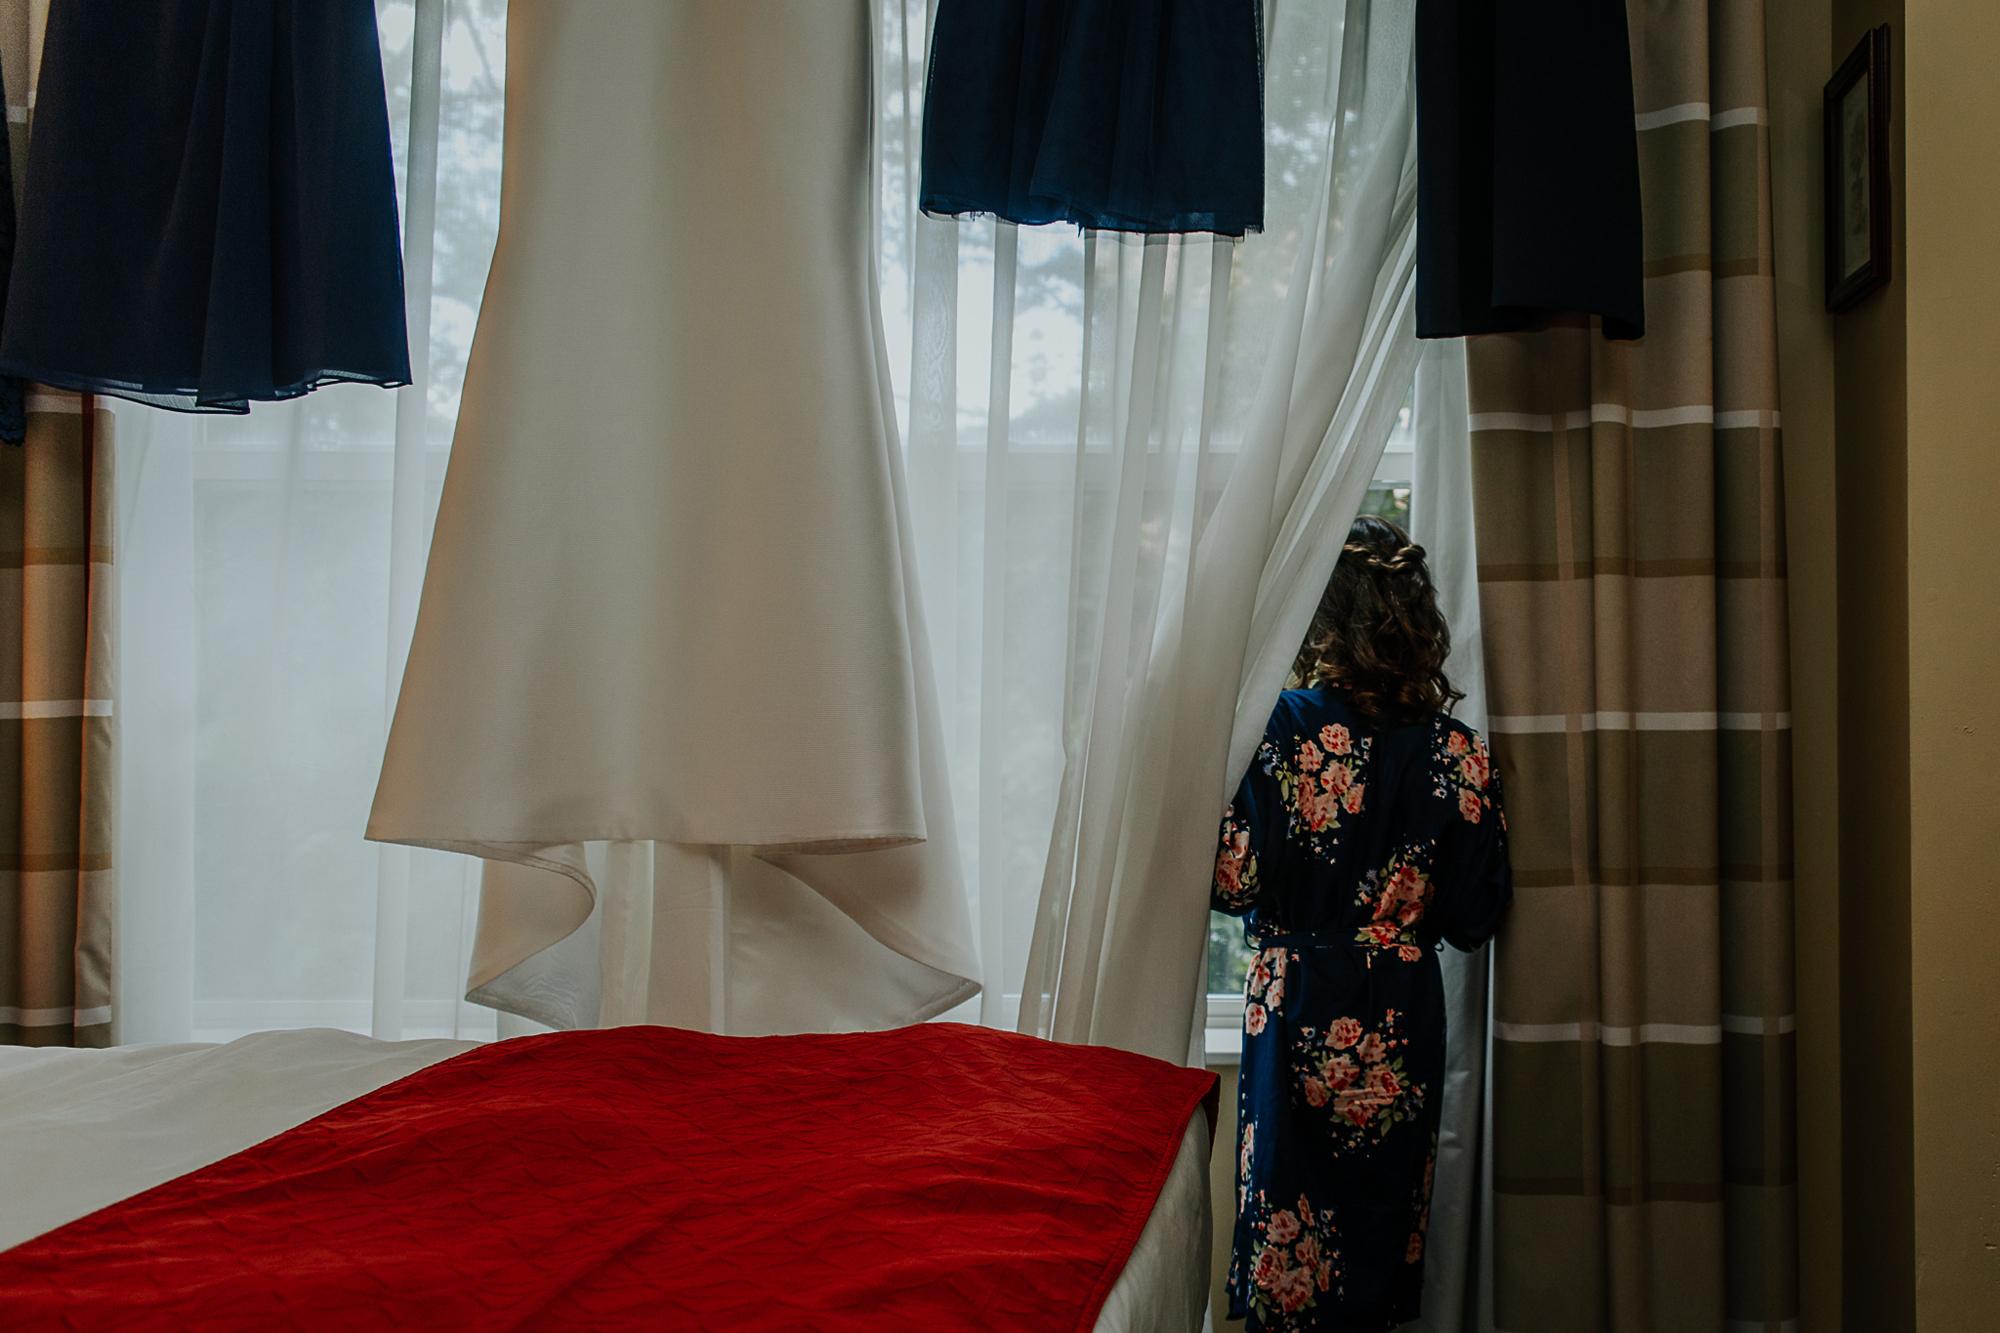 009-annapolis_courthouse_wedding.jpg